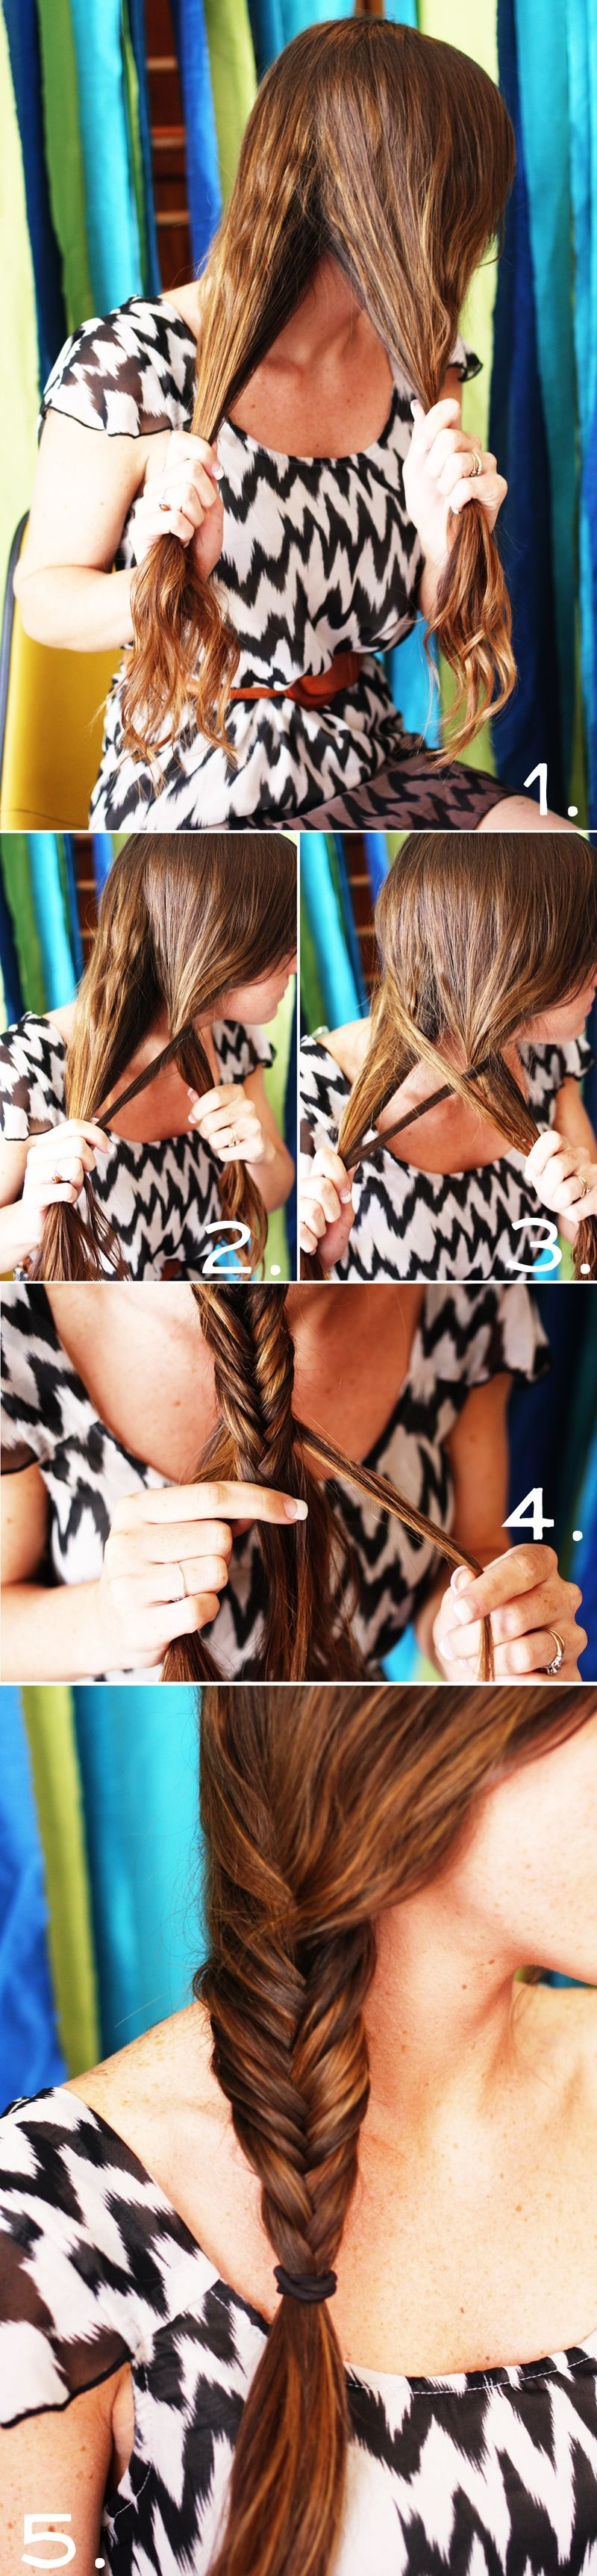 coiffure-été-2015-6